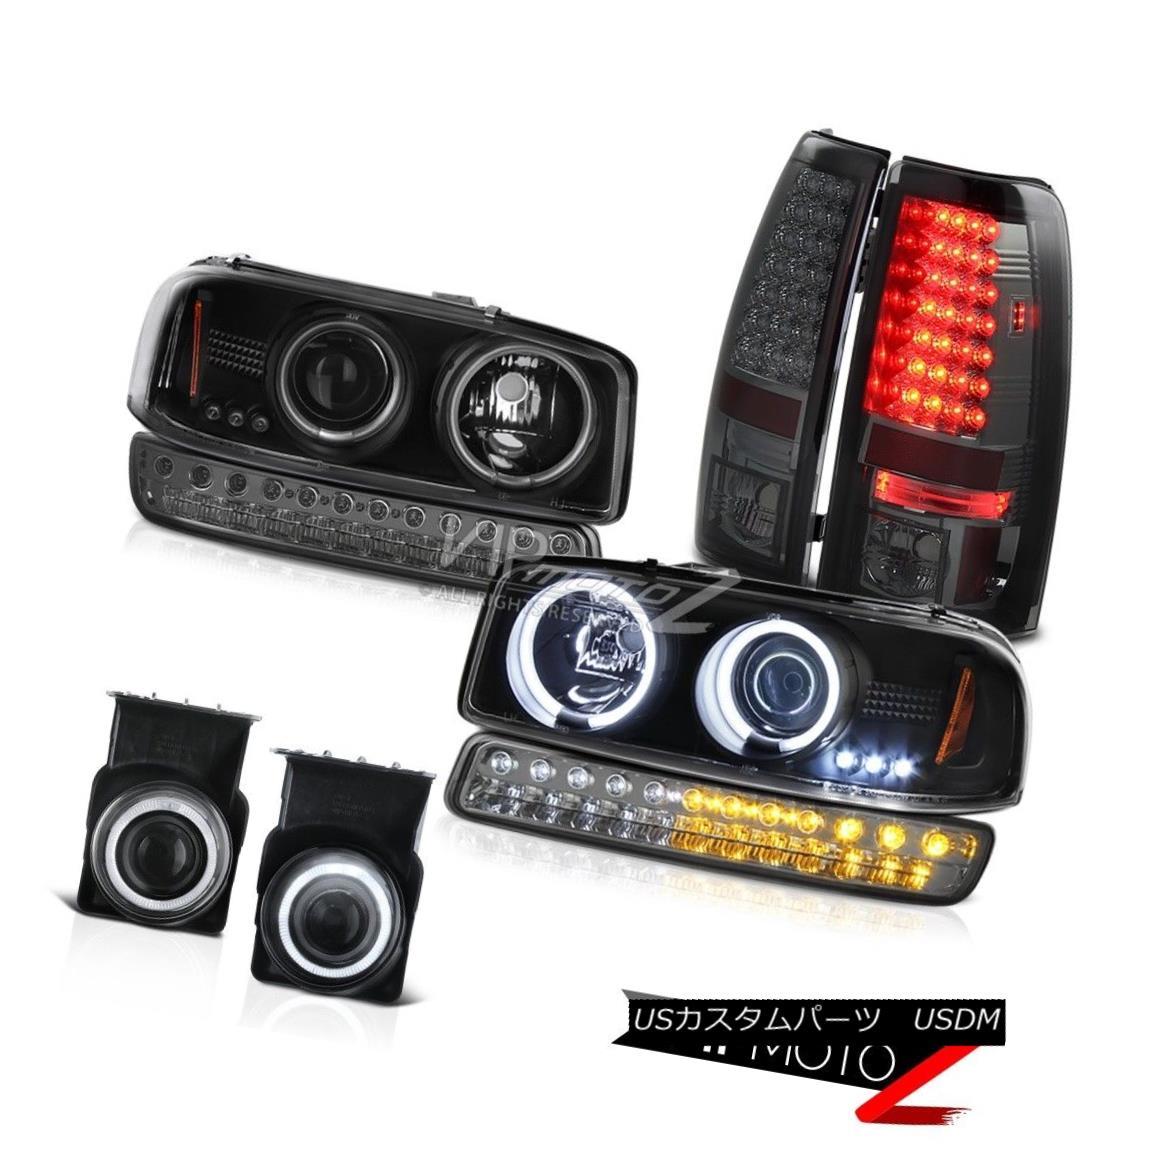 ヘッドライト 03-06 GMC Sierra Foglamps Smokey SMD Tail Lights Bumper Light CCFL Headlights 03-06 GMC Sierra FoglampsスモーキーSMDテールライトバンパーライトCCFLヘッドライト